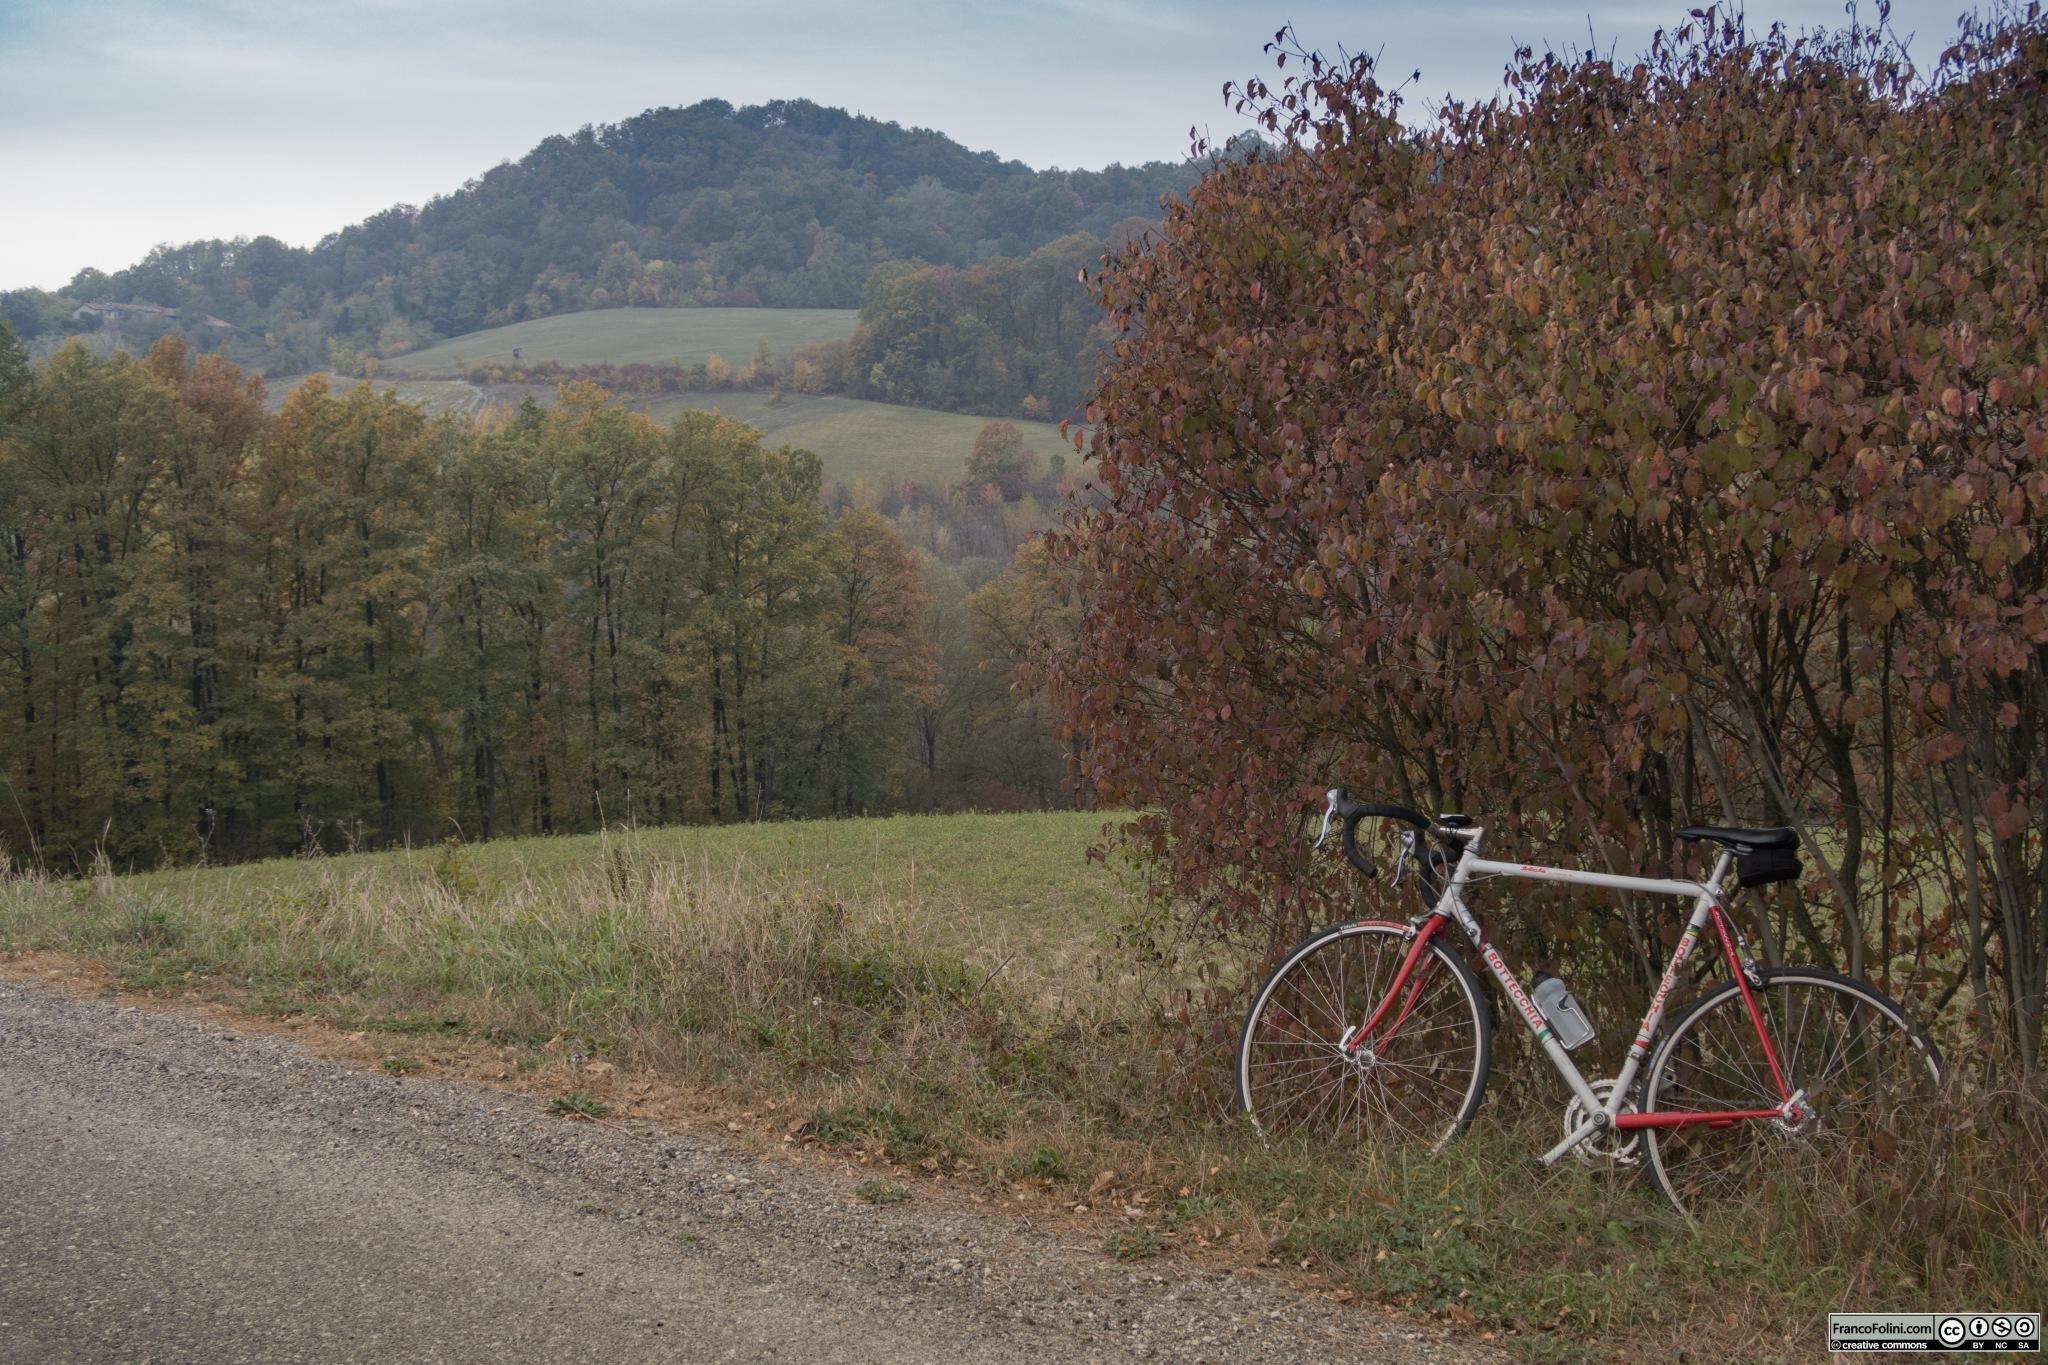 Le strade che si inerpicano sulle colline dell'Oltrepò offrono un susseguirsi di paesaggi sempre diversi.